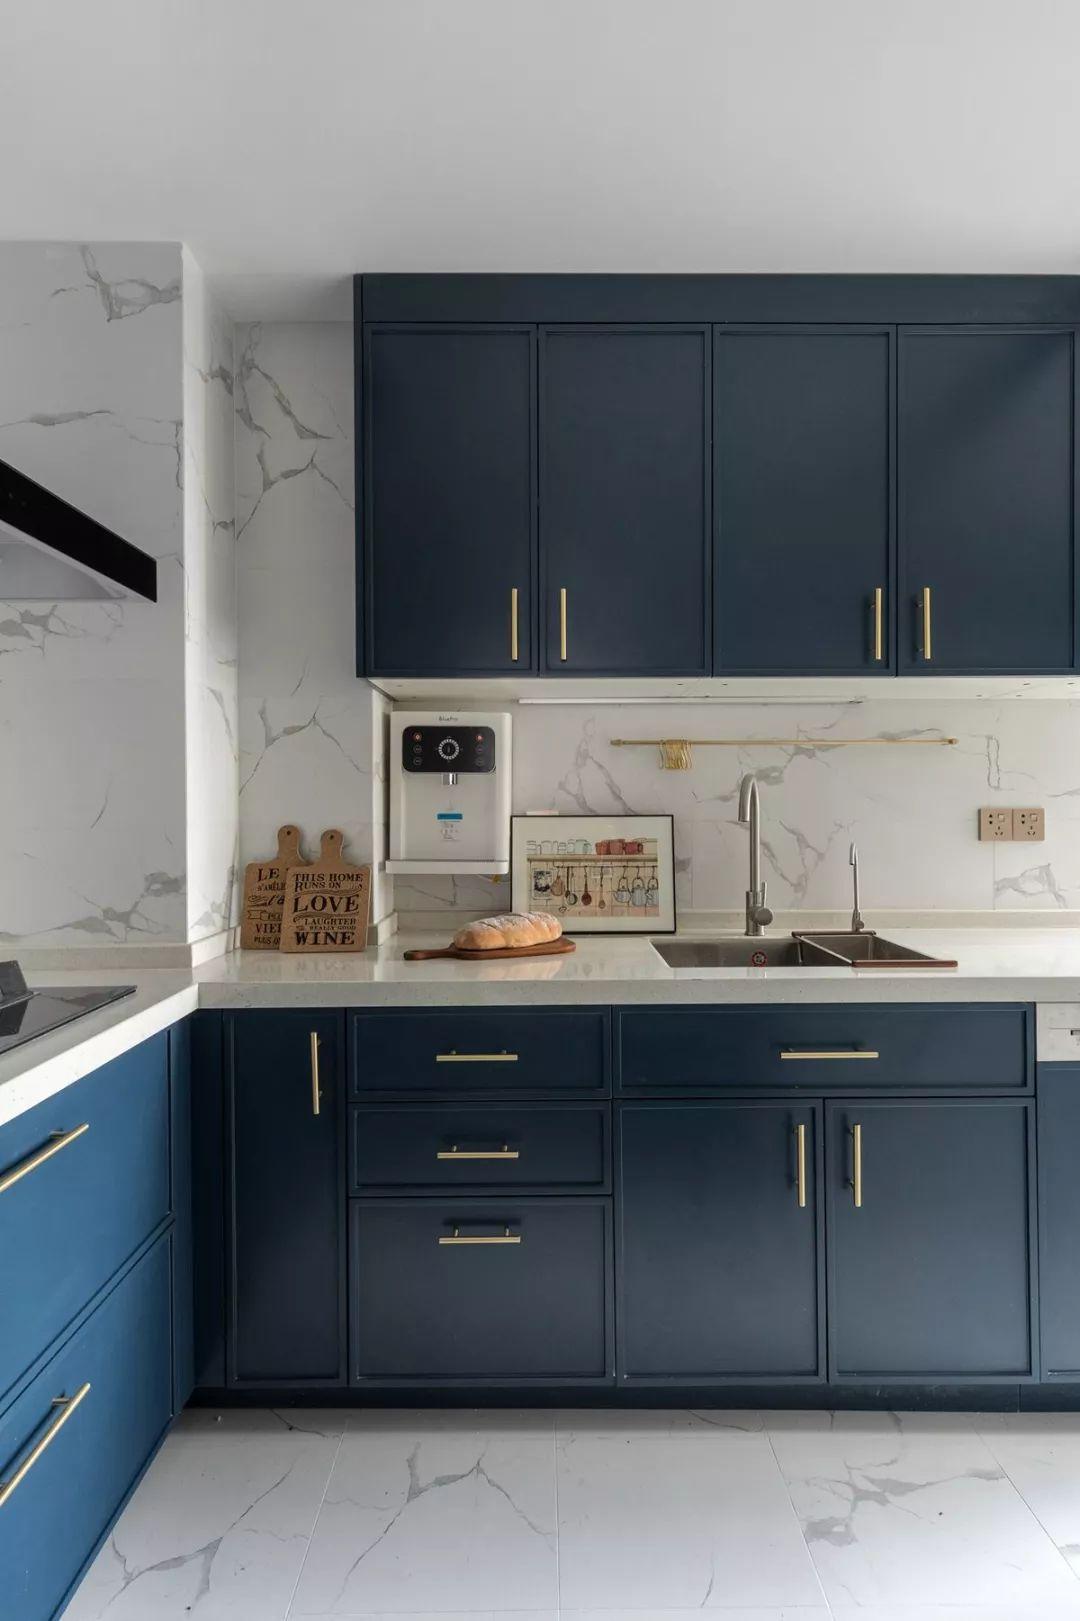 厨房采用L型设计,操作便捷,浅色地砖+墙砖的基础上,搭配深蓝色橱柜,雅致又有档次。